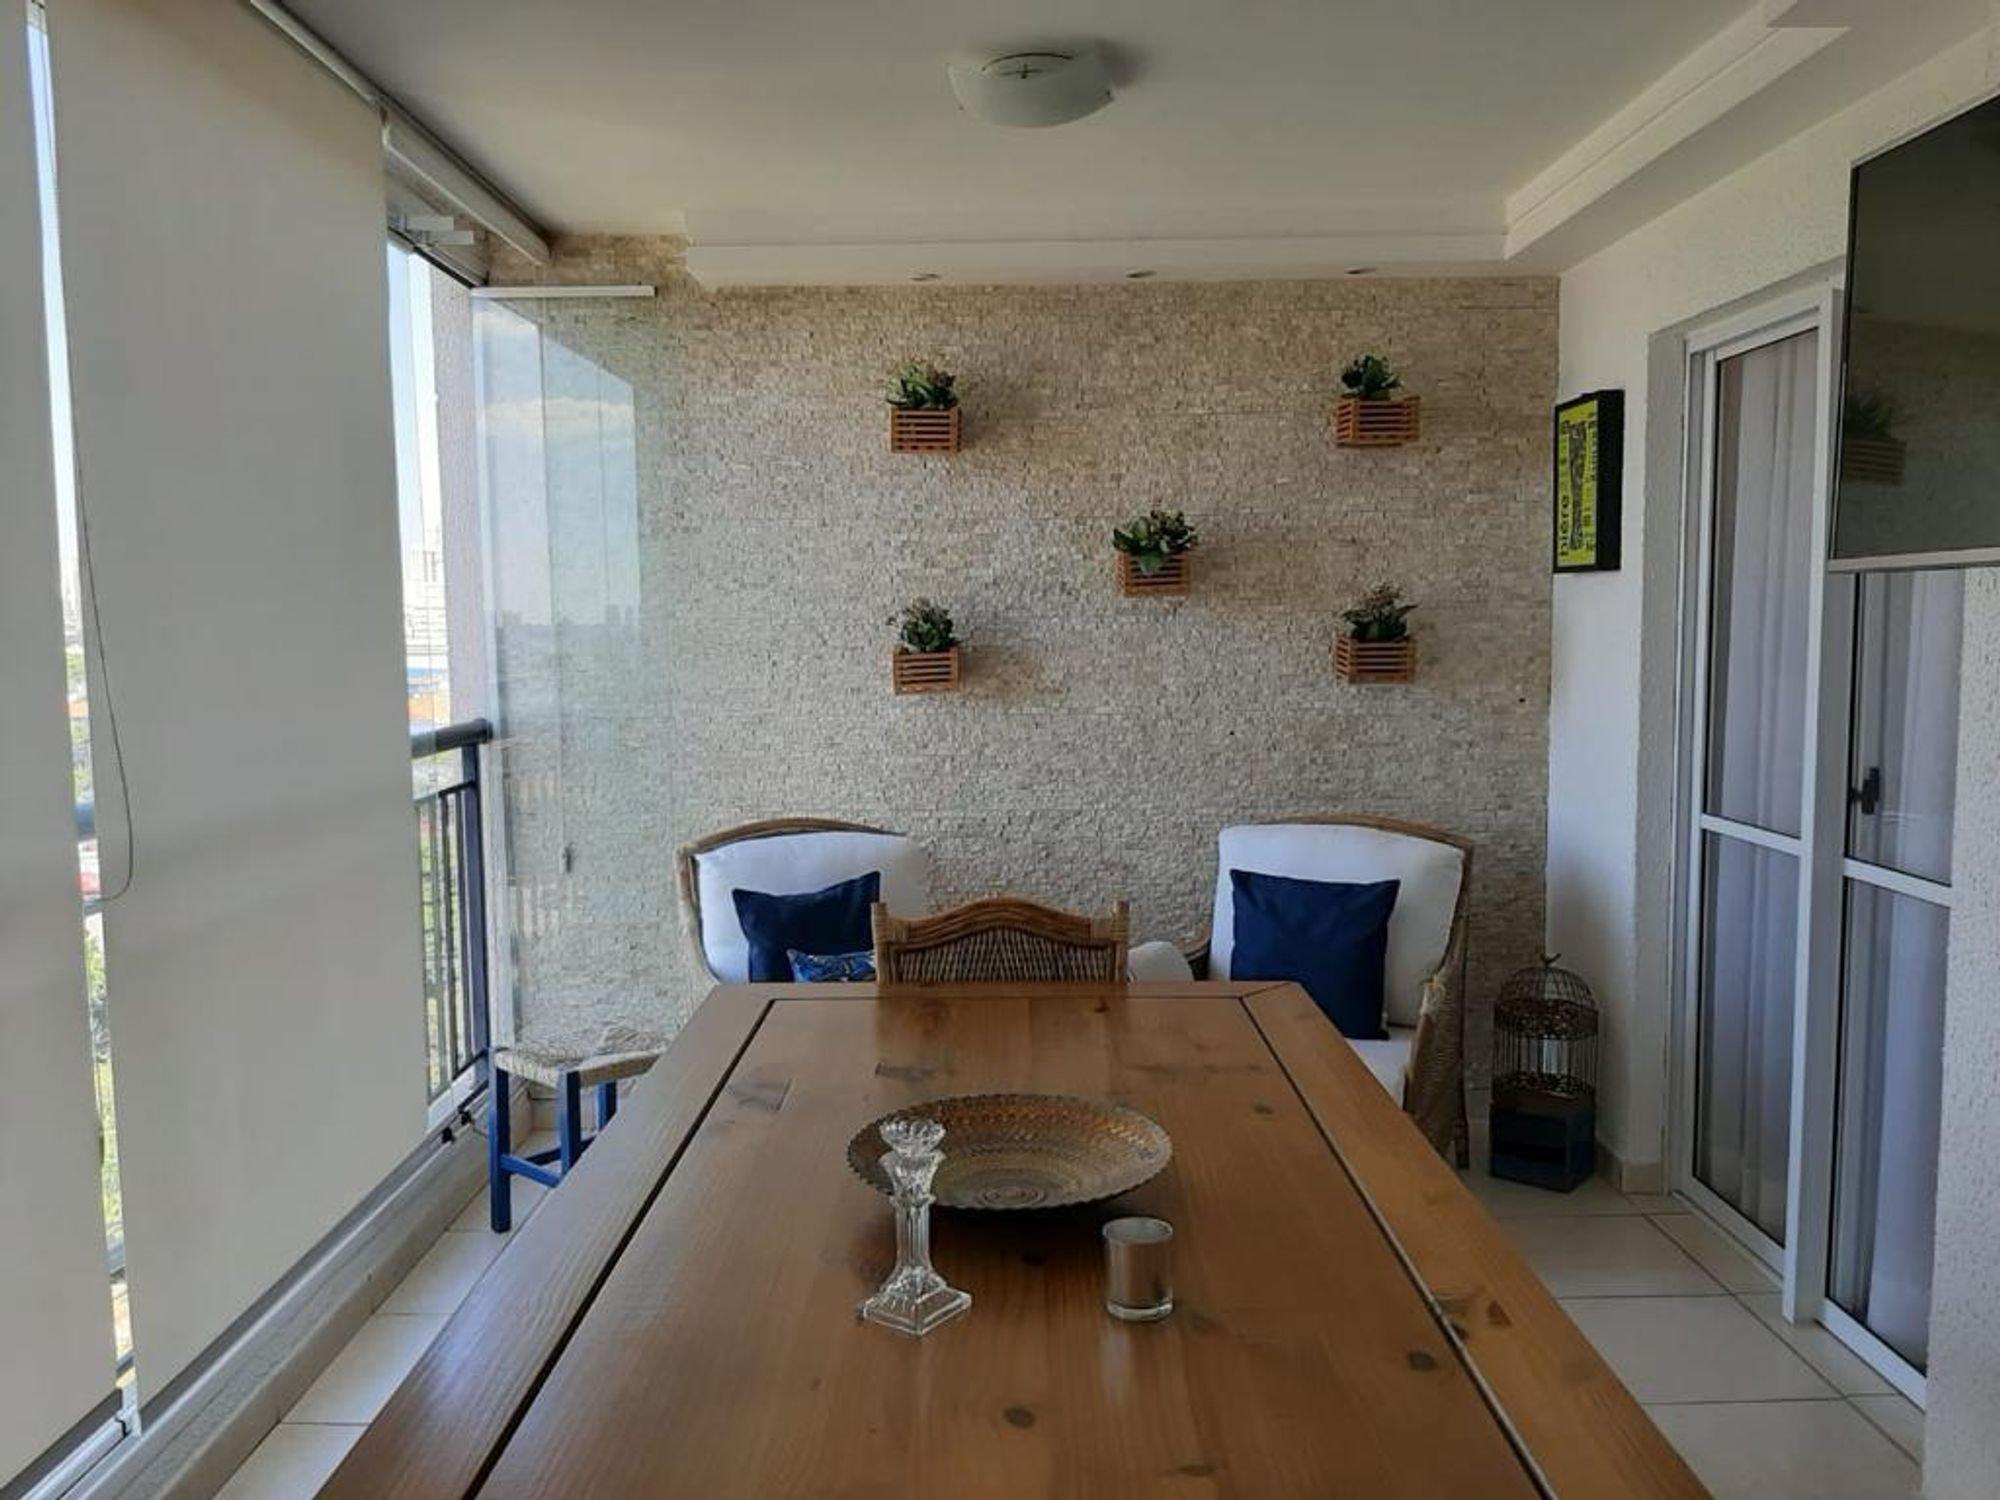 Foto de Sala com vaso de planta, cadeira, mesa de jantar, xícara